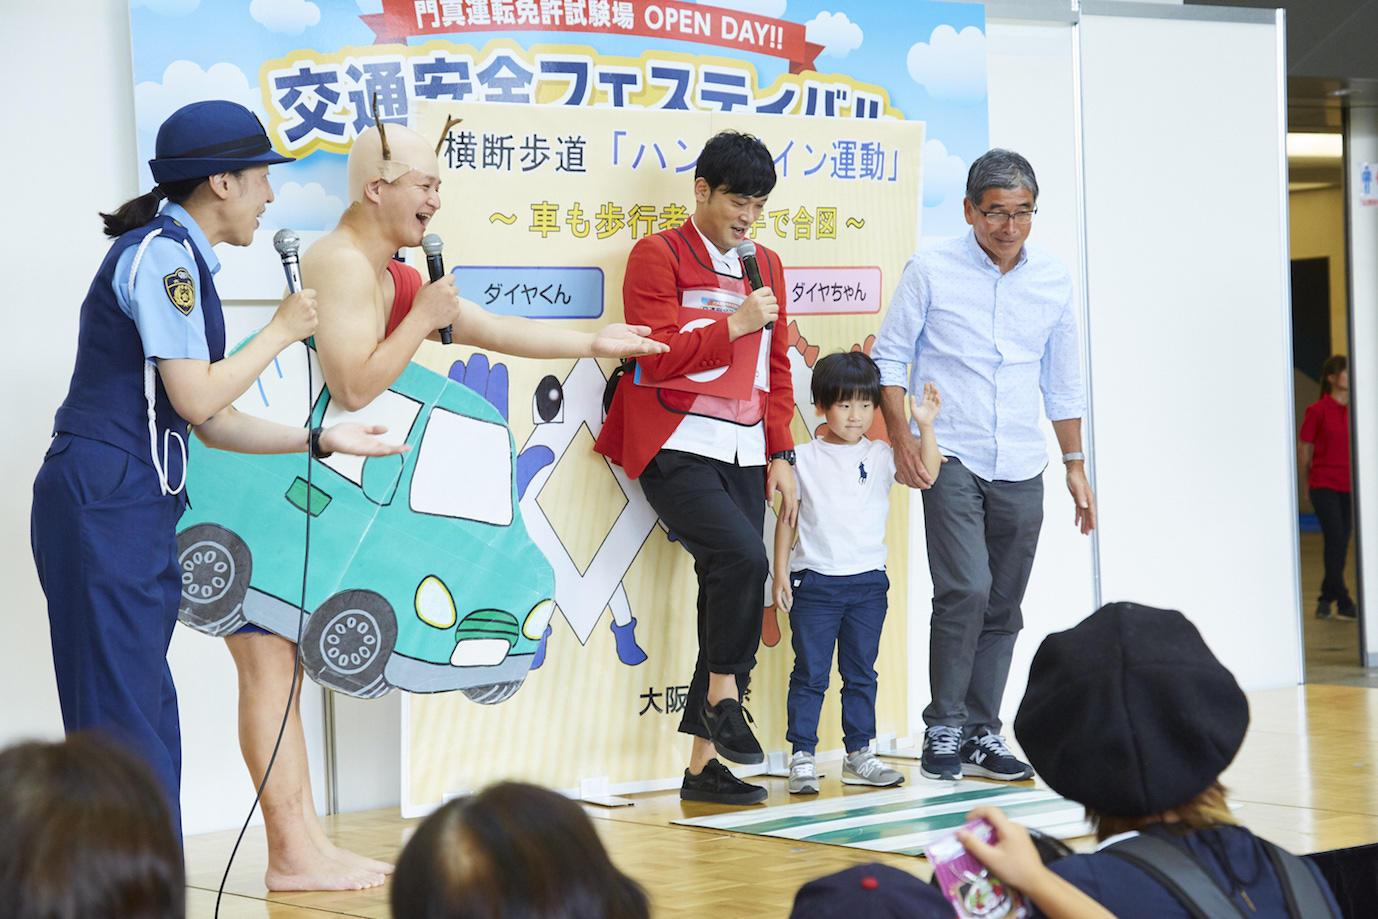 http://news.yoshimoto.co.jp/20181012090402-edac9197fbfb1bfb96d53631dbbd242de8e7e470.jpg